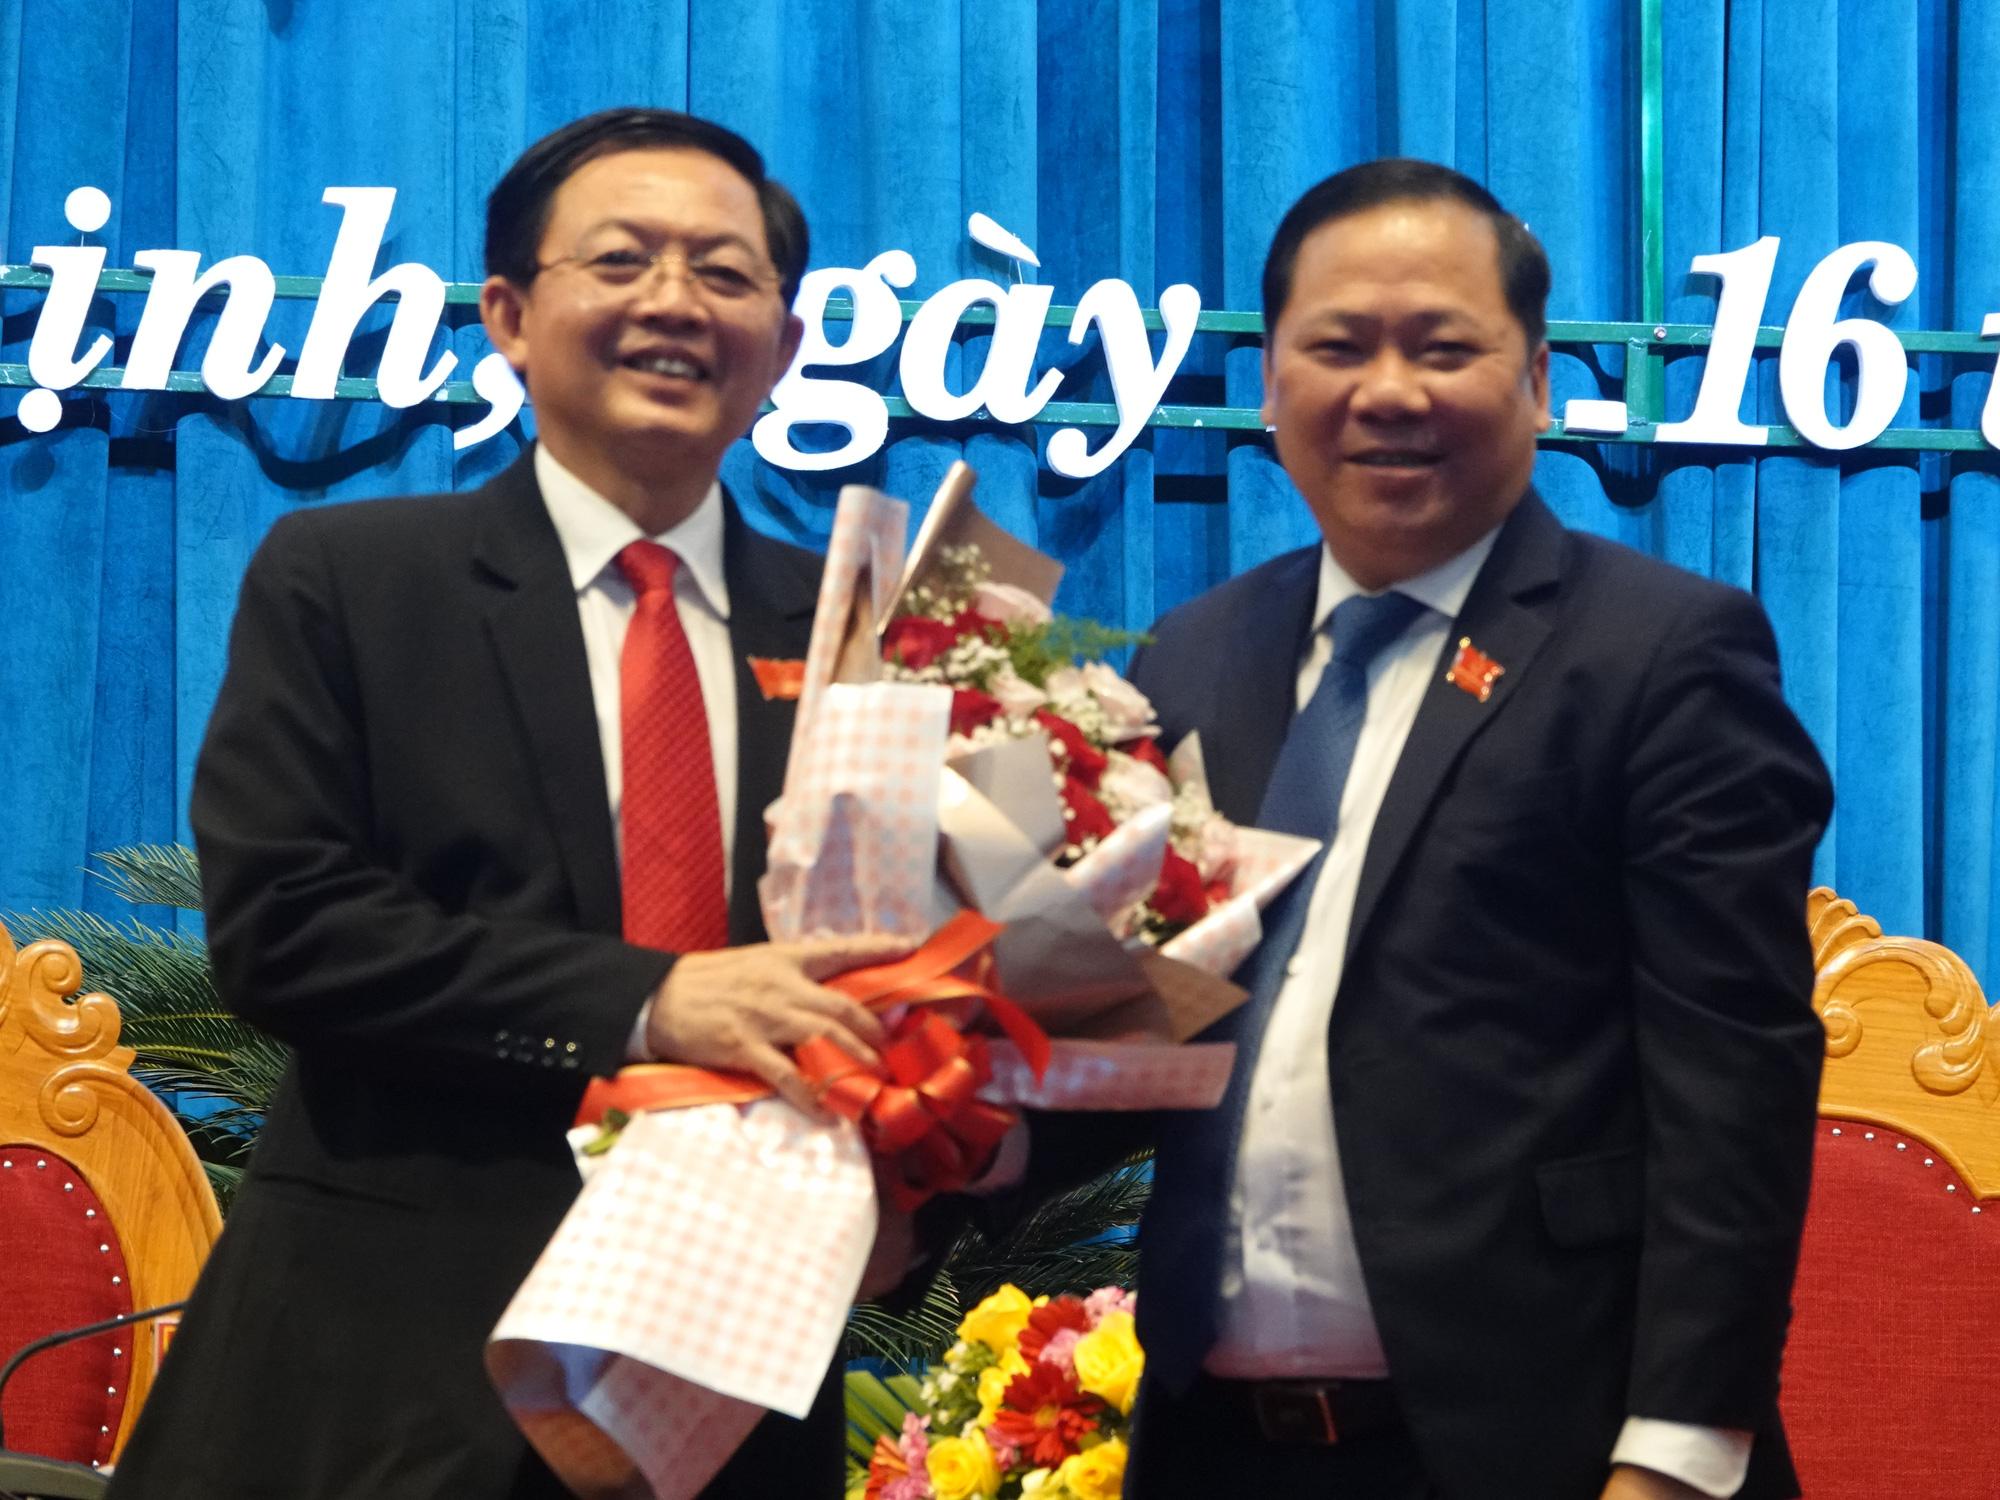 Bí thư Bình Định Hồ Quốc Dũng tái đắc cử chức Chủ tịch HĐND tỉnh - Ảnh 1.